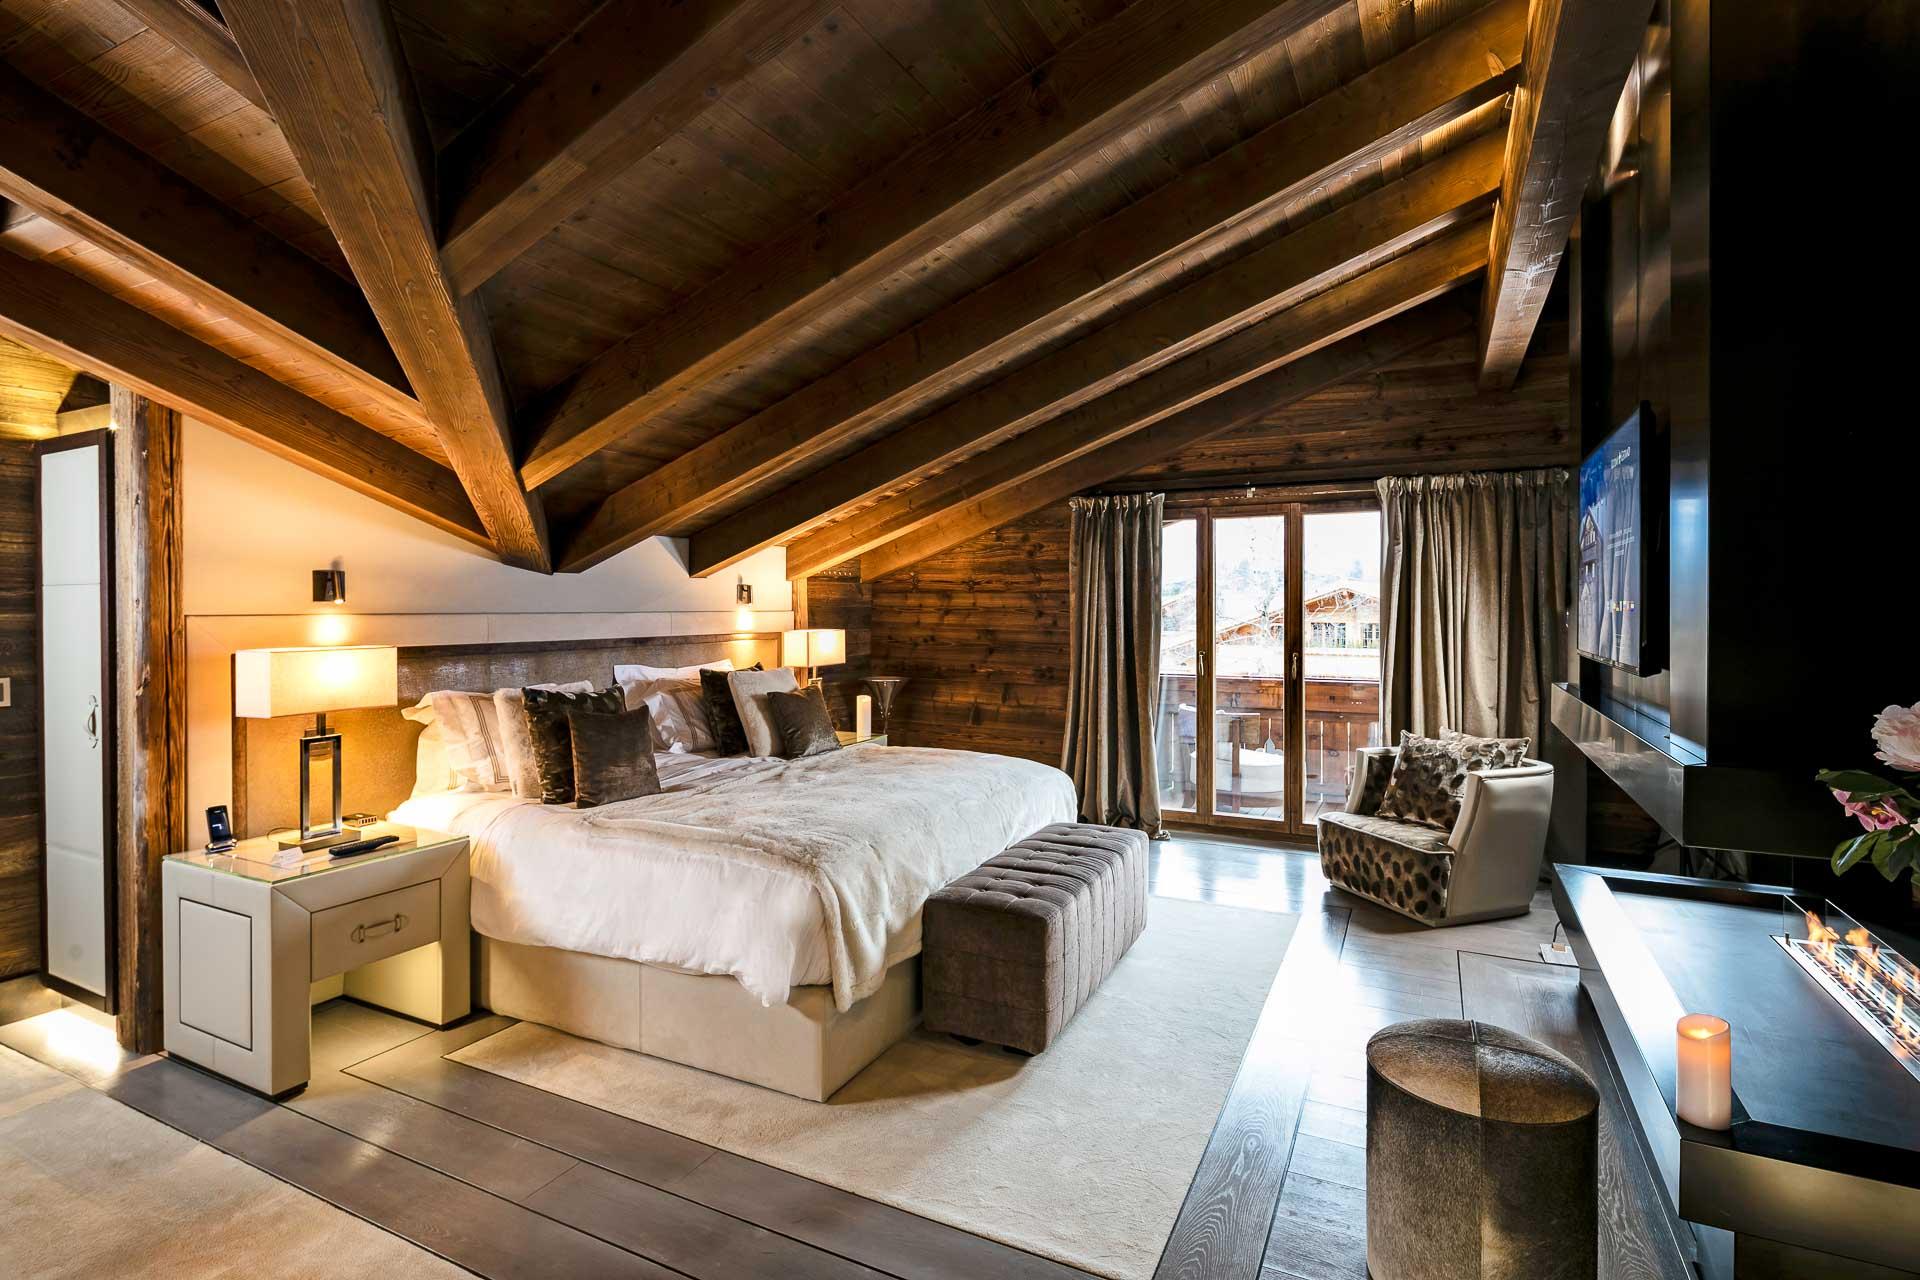 Adresse hyper luxe et écrin confidentiel, cet ensemble de chalets intimistes comprend un spa et des services dignes d'un palace. Bienvenue à l'Ultima Gstaad, devenu en l'espace de deux saisons l'un des plus prestigieux hôtels de montagne au monde.